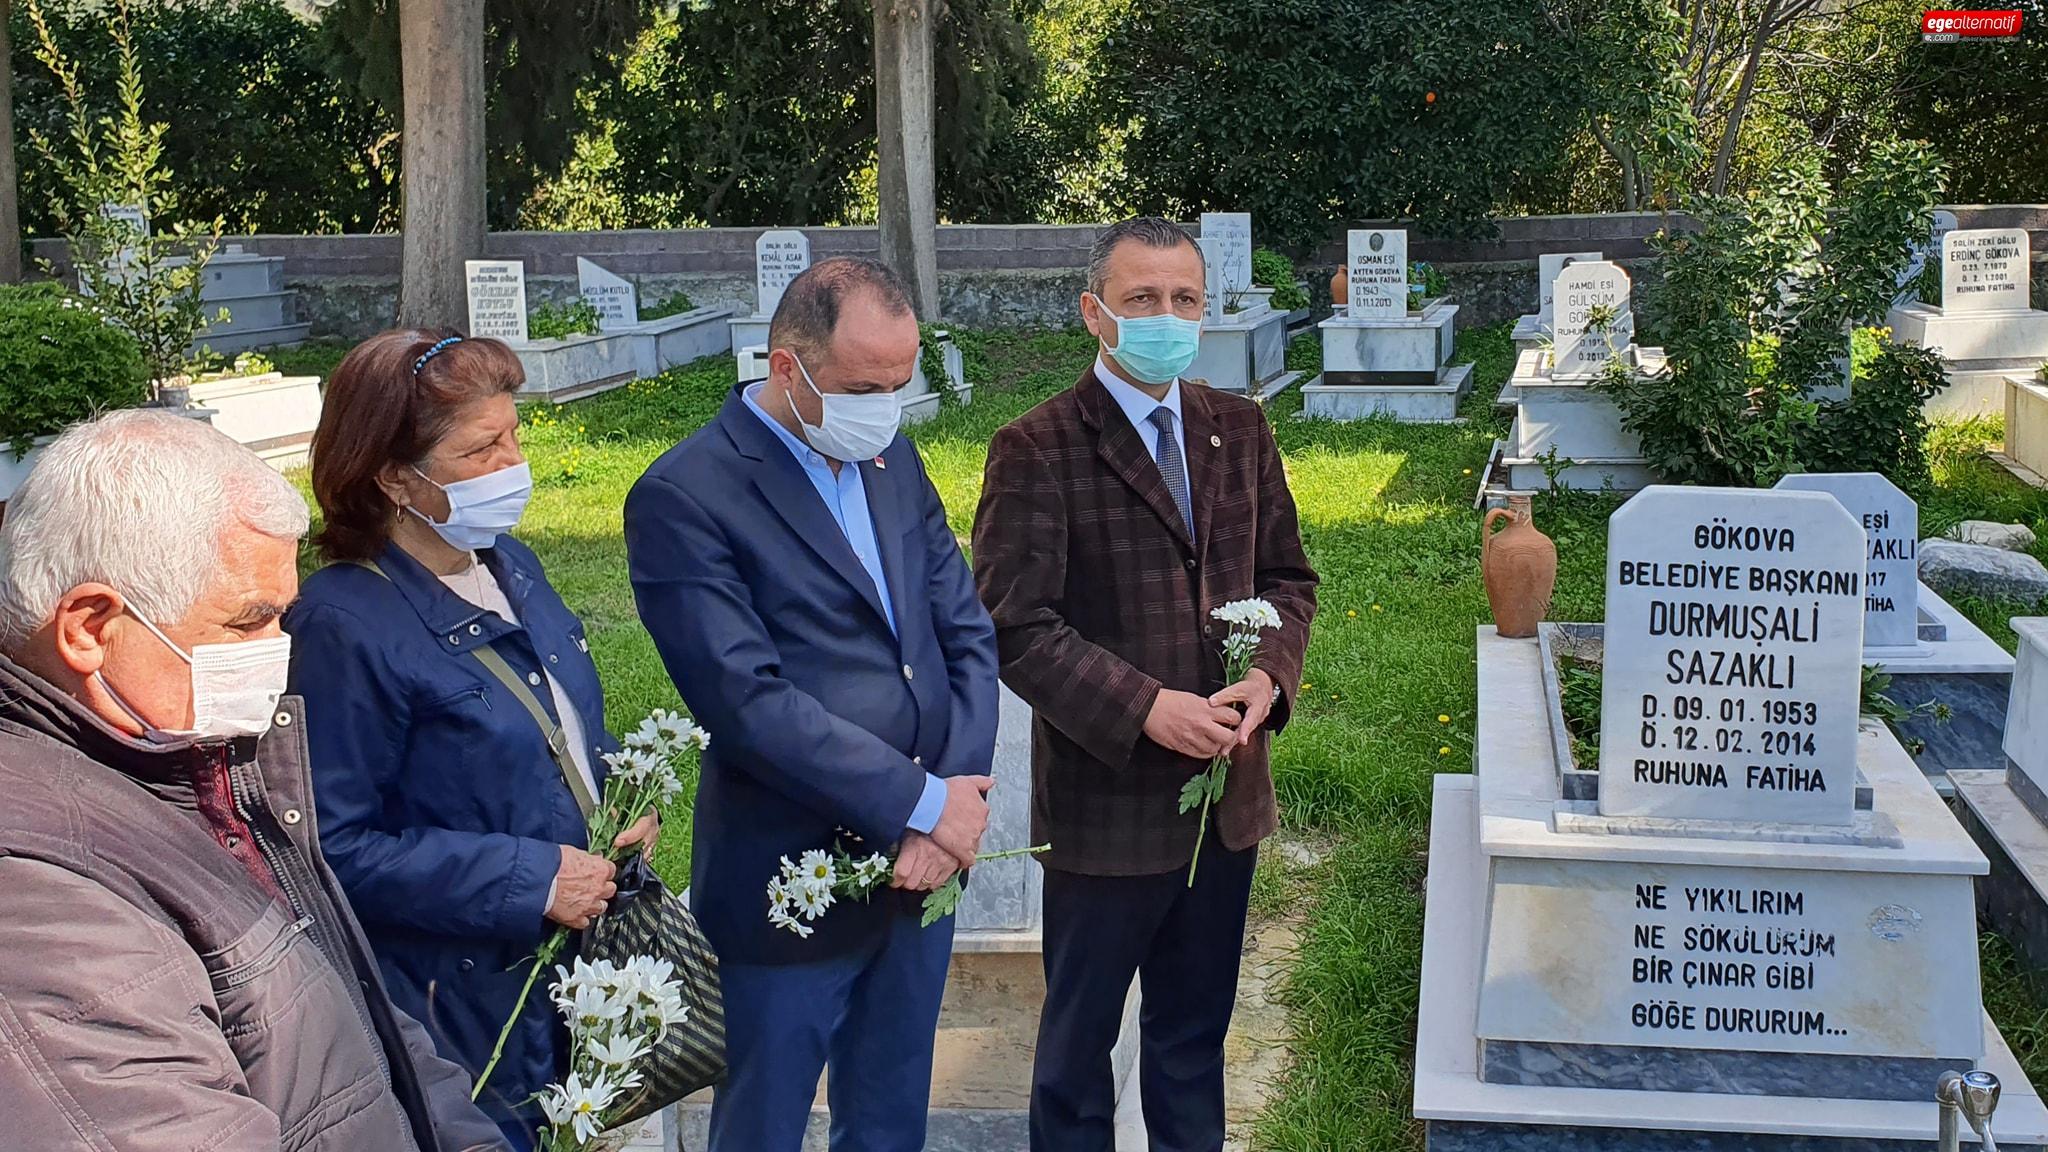 CHP'li Erbay: Durmuş Ali Sazaklı bölgemiz için önemli bir değerdi